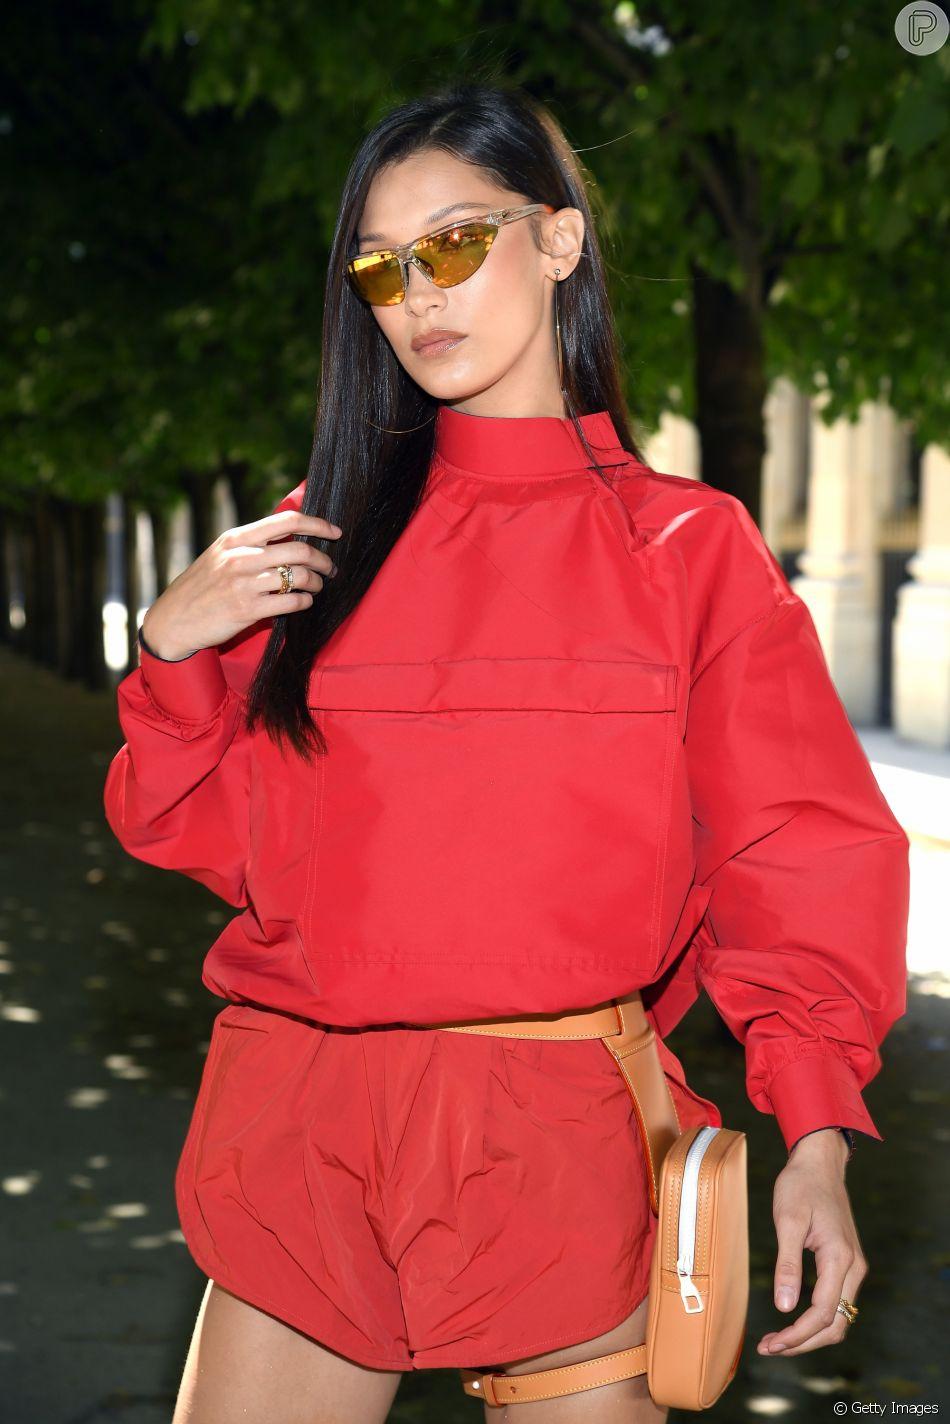 Windbreaker, a jaqueta corta-vento que todas as famosas estão usando também faz parte do look de Bella Hadid